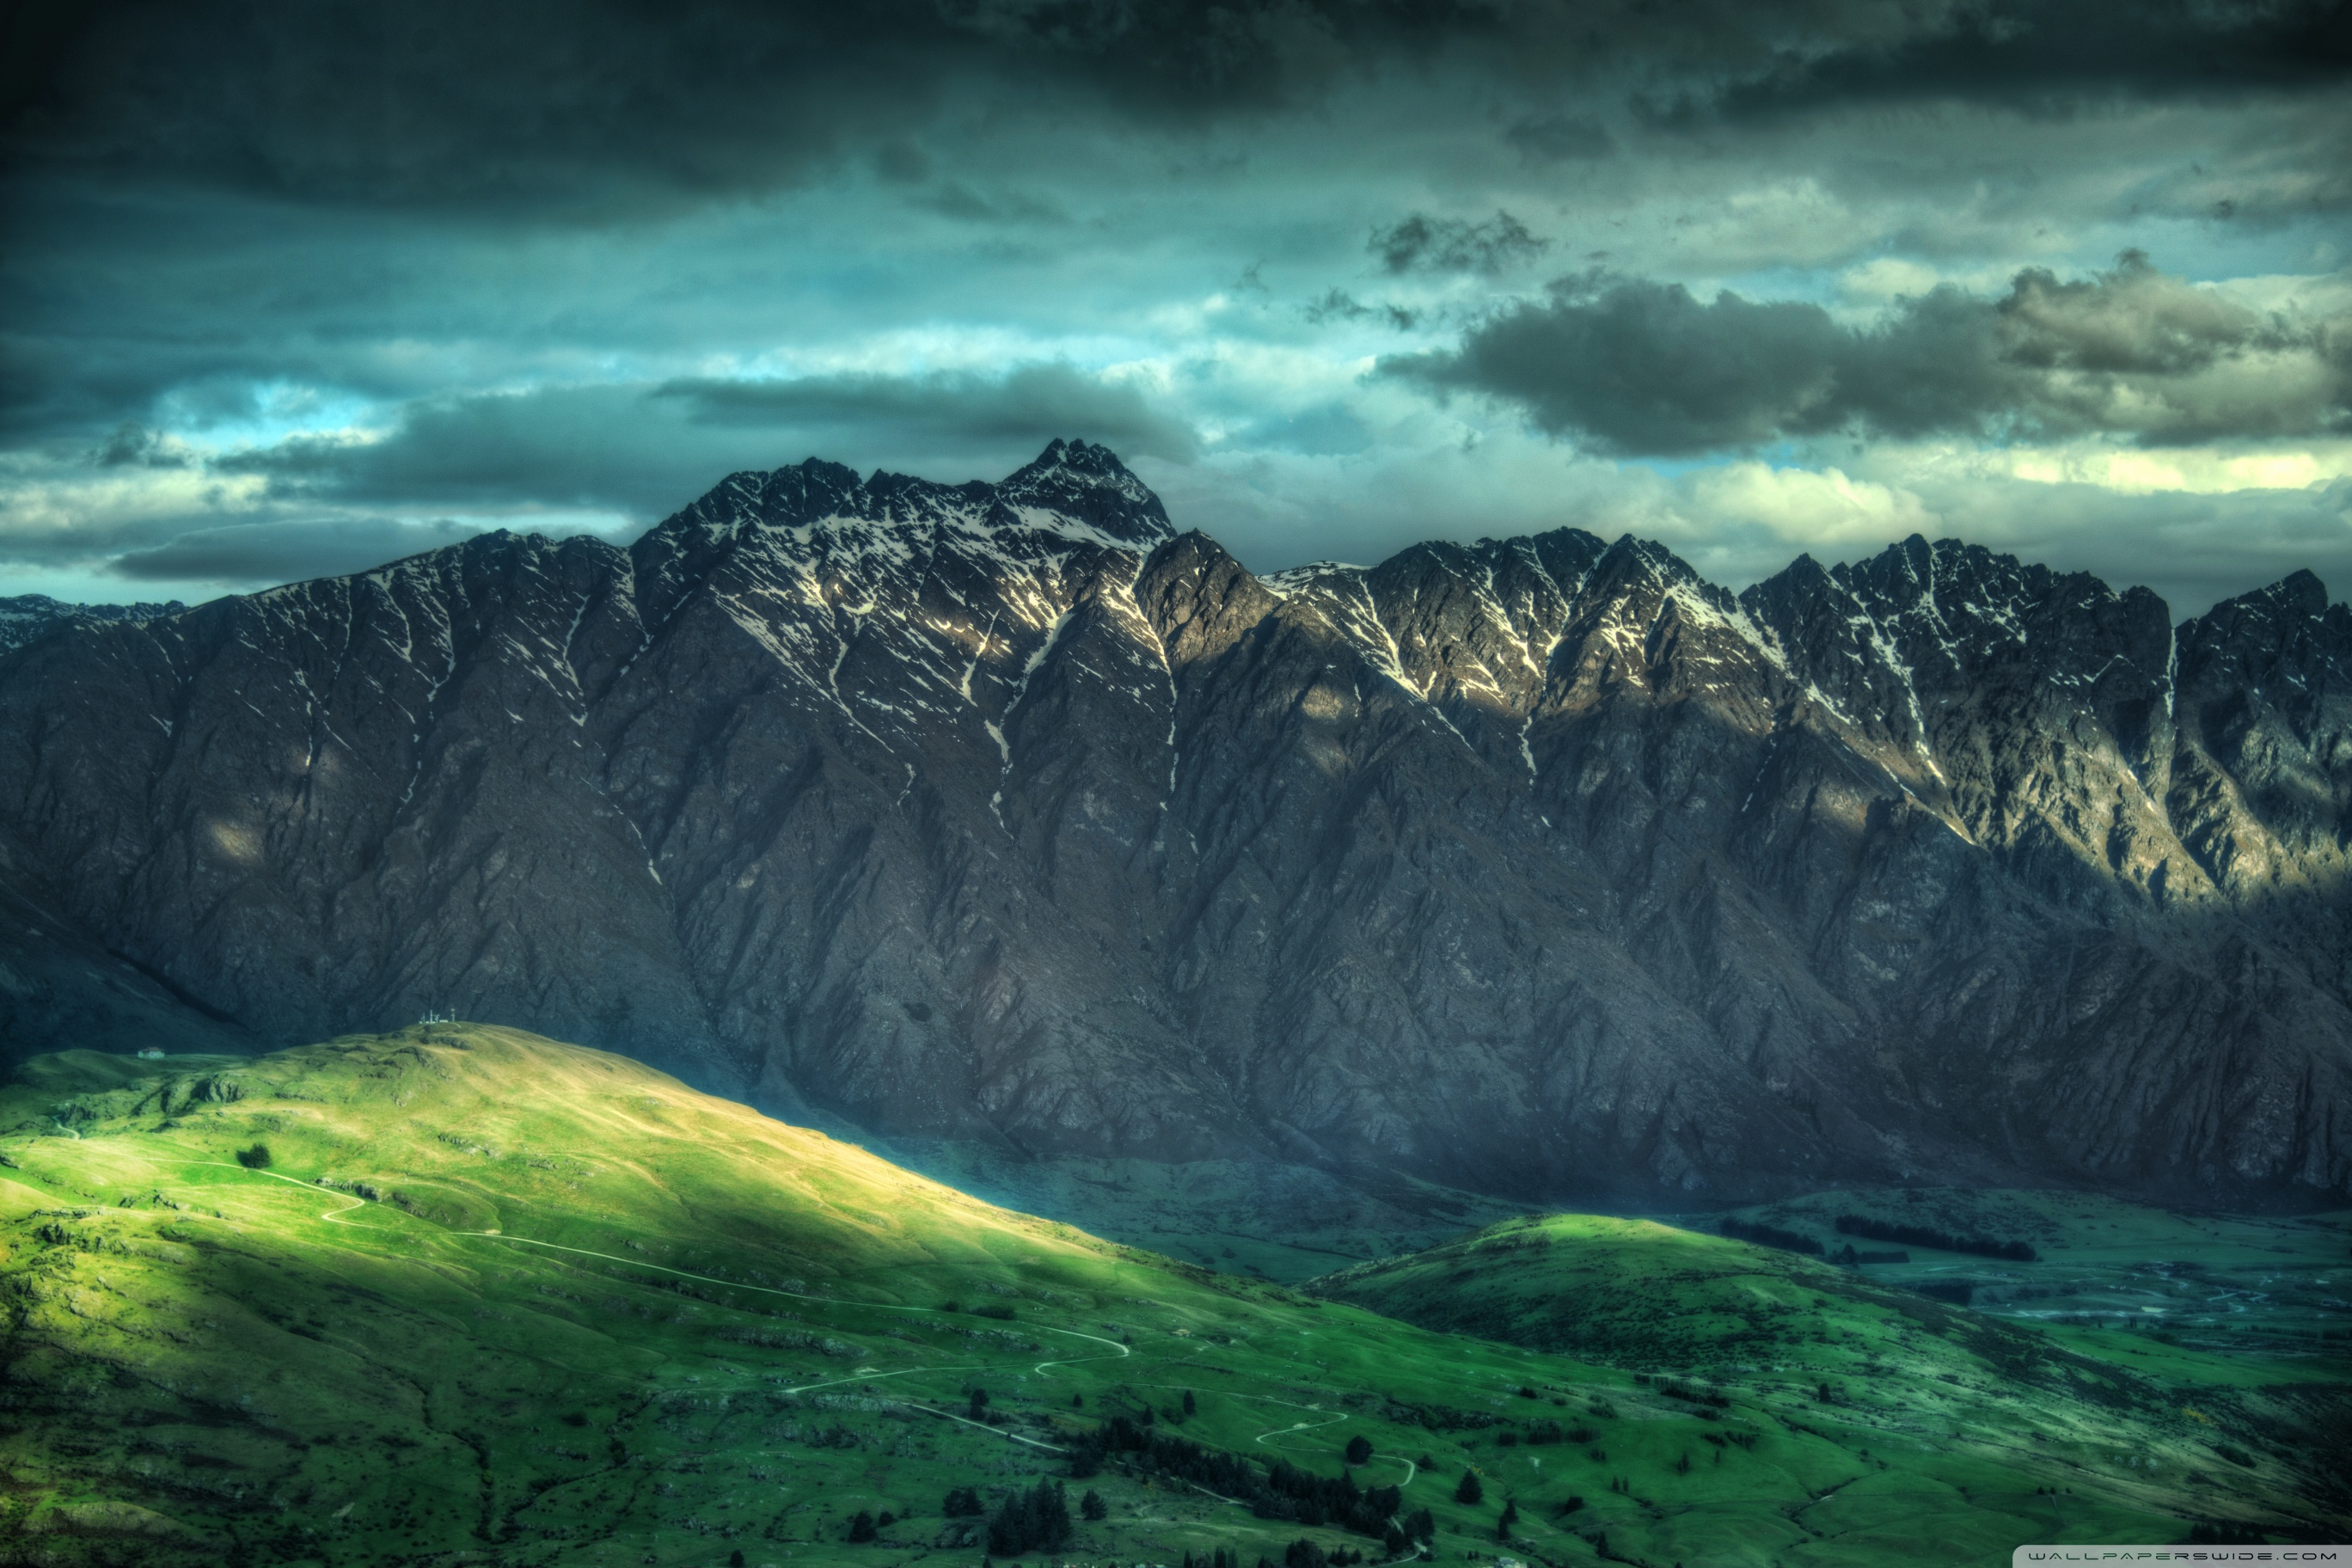 Mountains New Zealand Hd Desktop Wallpaper , HD Wallpaper & Backgrounds